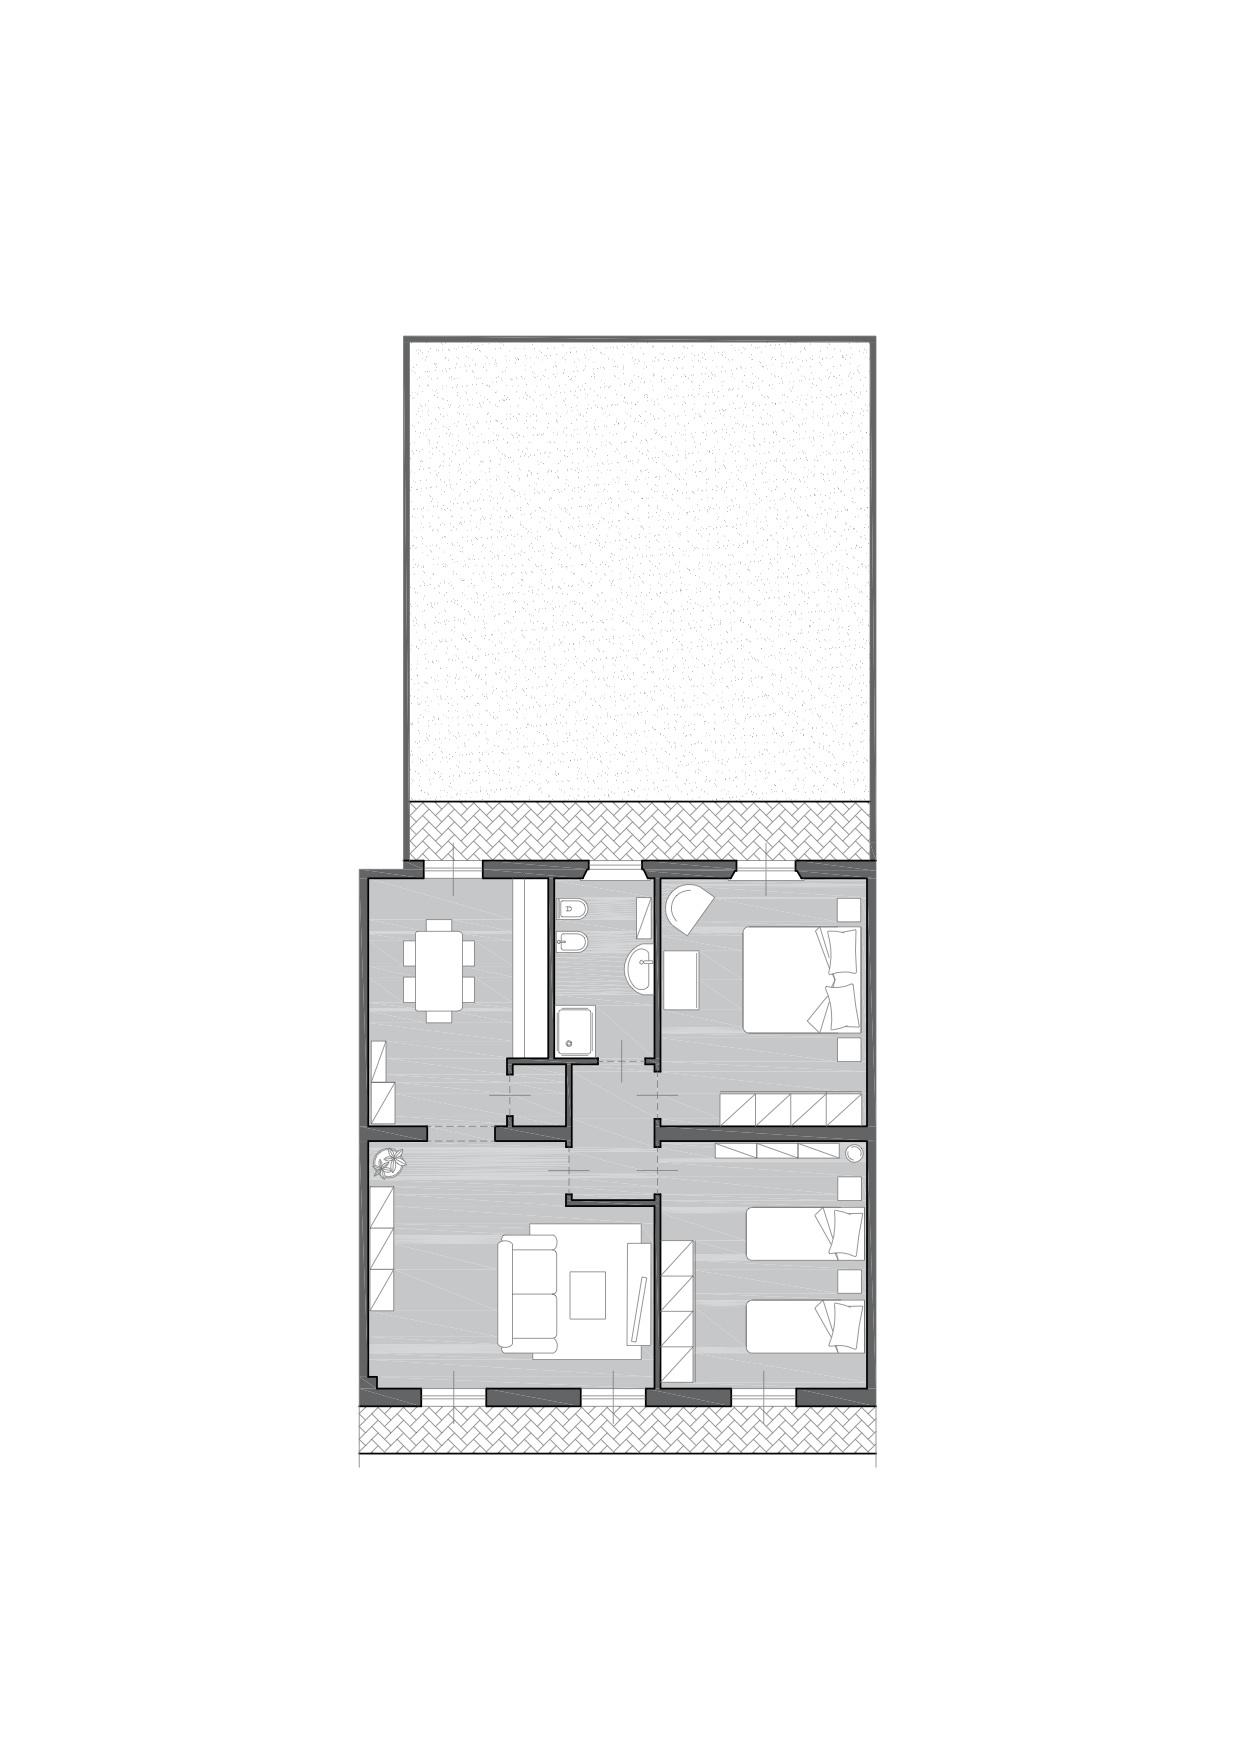 Appartamento in vendita a Pontedera, 4 locali, zona Località: LaRotta, prezzo € 39.000 | CambioCasa.it